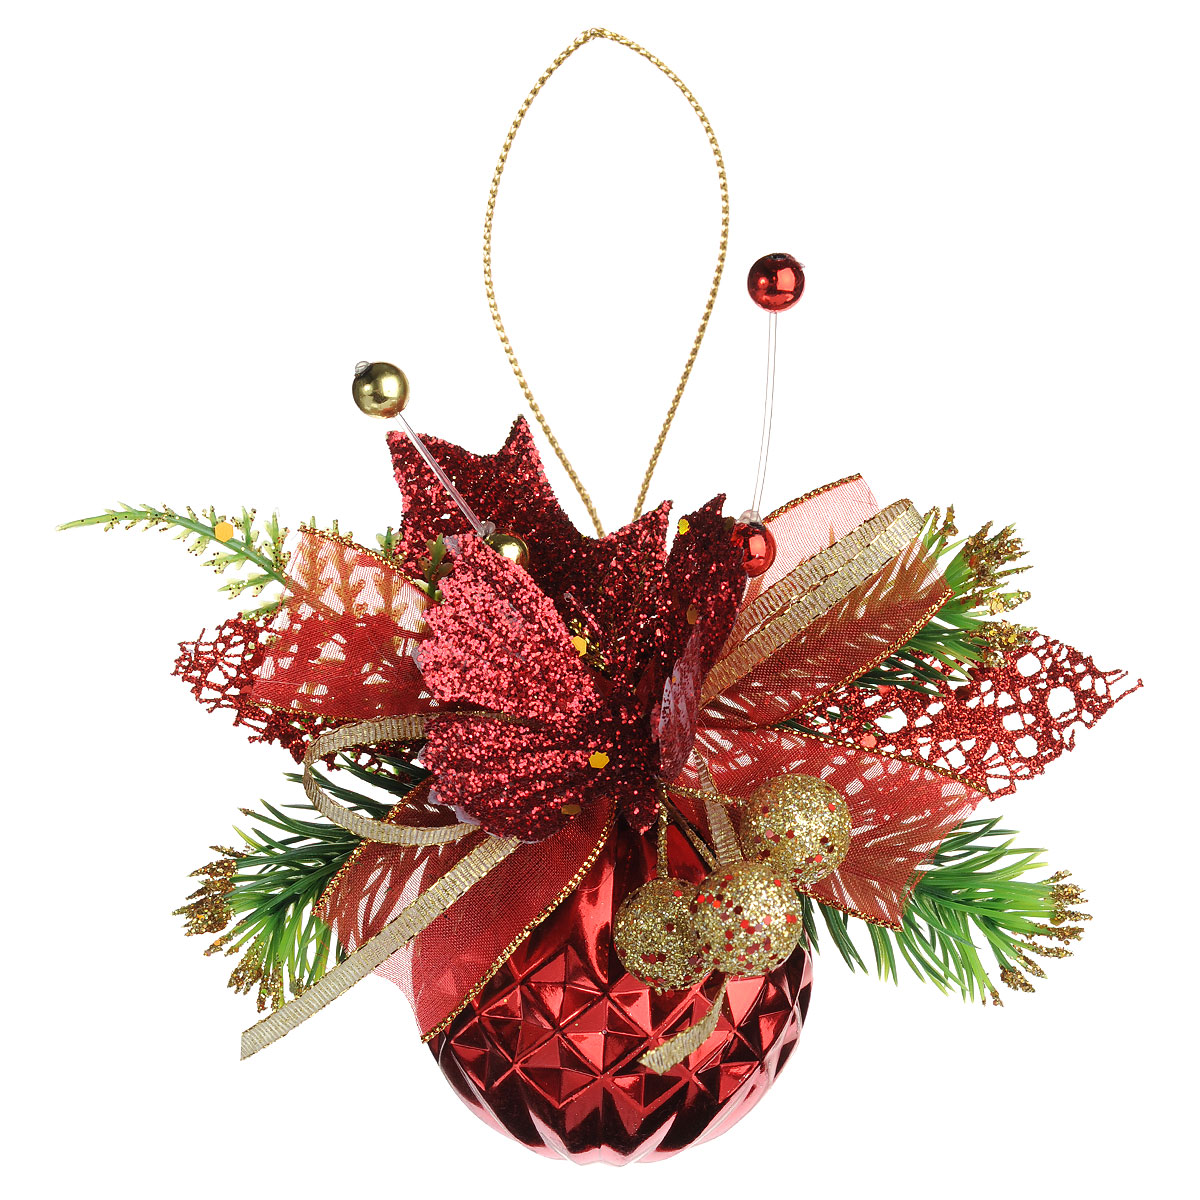 Новогоднее подвесное украшение Sima-land Шар, цвет: красный, диаметр 6 см. 705779705779Новогоднее подвесное украшение Sima-land Шар прекрасно подойдет для праздничного декора новогодней ели. Шар выполнен из пластика, украшен рельефом и композицией из ленточек, пластиковых веточек, листочков и бабочки. Для удобного размещения на елке для игрушки предусмотрена текстильная веревочка.Елочная игрушка - символ Нового года. Она несет в себе волшебство и красоту праздника. Создайте в своем доме атмосферу веселья и радости, украшая новогоднюю елку нарядными игрушками, которые будут из года в год накапливать теплоту воспоминаний. Коллекция декоративных украшений принесет в ваш дом ни с чем не сравнимое ощущение волшебства! Откройте для себя удивительный мир сказок и грез. Почувствуйте волшебные минуты ожидания праздника, создайте новогоднее настроение вашим дорогим и близким.